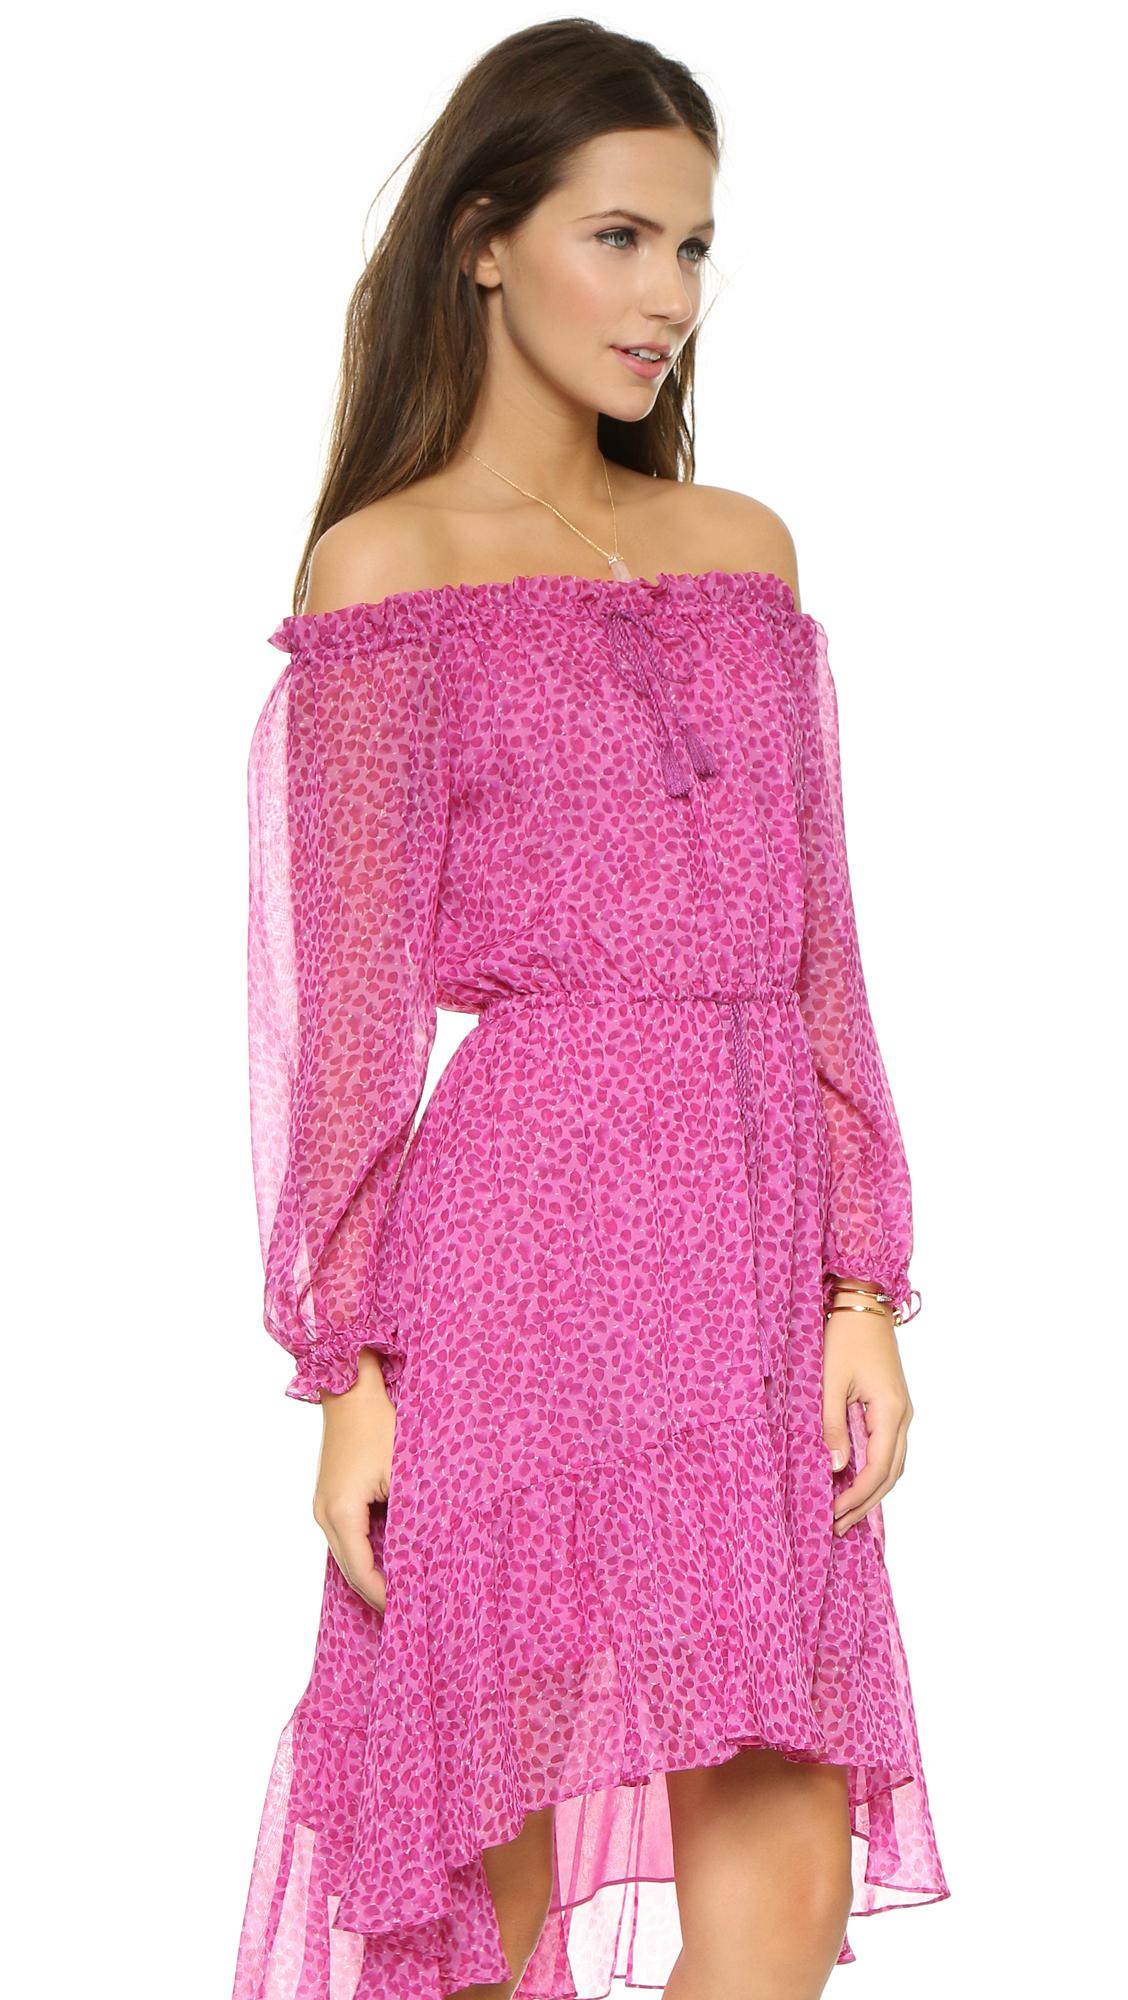 Diane Von Furstenberg Camila Dress In Pink Petal Dreams